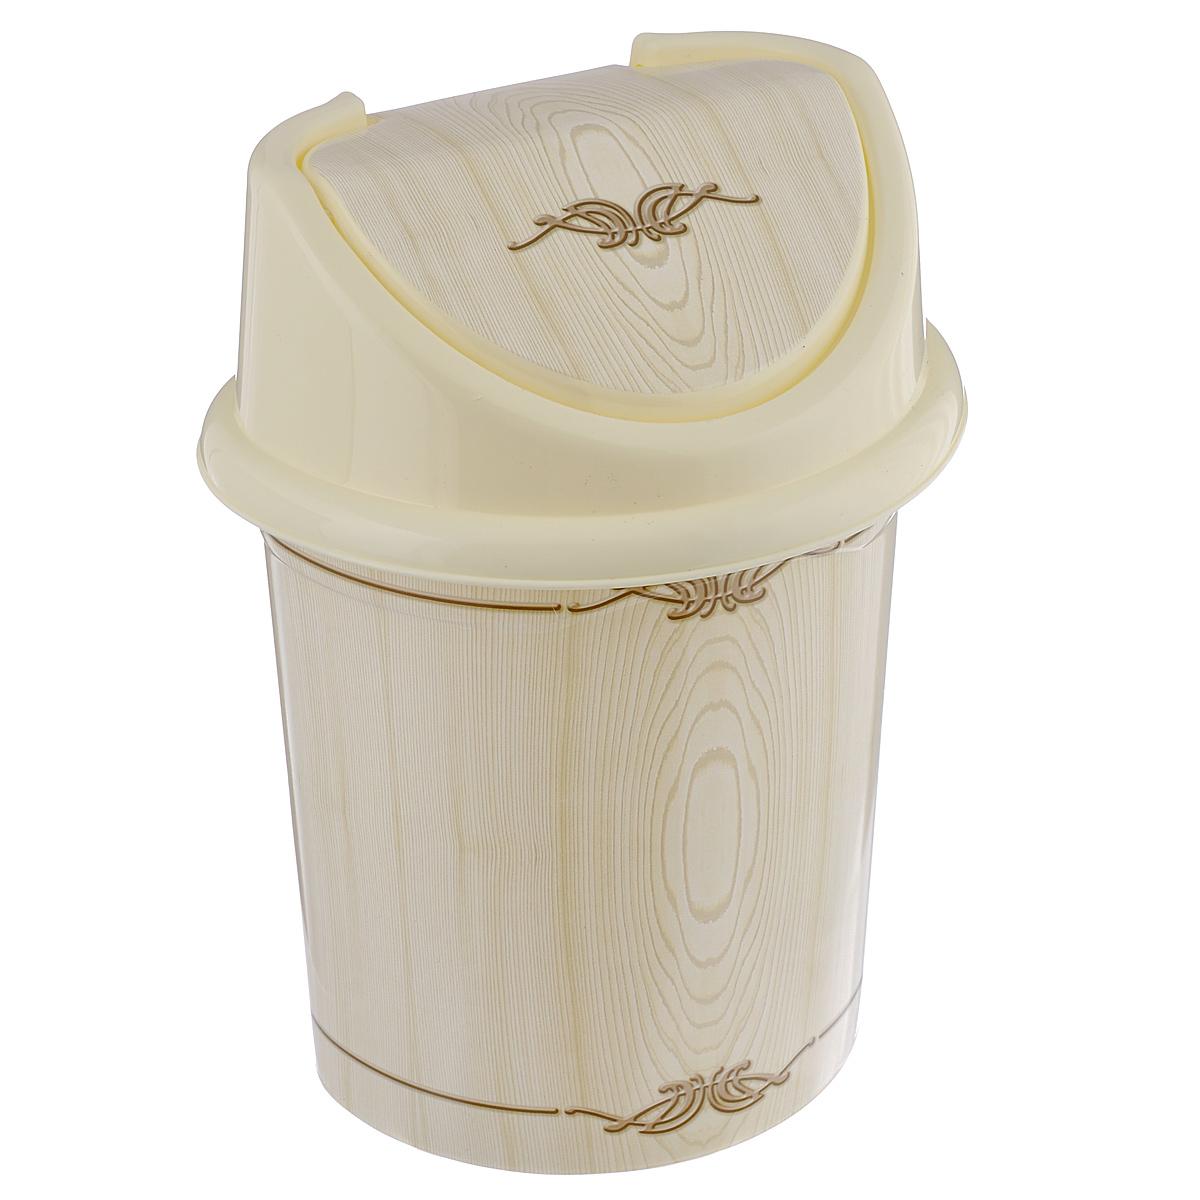 Контейнер для мусора Violet Беленый дуб, цвет: слоновая кость, коричневый, 8 лBL505Контейнер для мусора Violet Беленый дуб изготовлен из прочного пластика. Контейнер снабжен удобной съемной крышкой с подвижной перегородкой. В нем удобно хранить мелкий мусор. Благодаря лаконичному дизайну такой контейнер идеально впишется в интерьер и дома, и офиса.Размер изделия: 21 см x 26 см x 35,5 см.